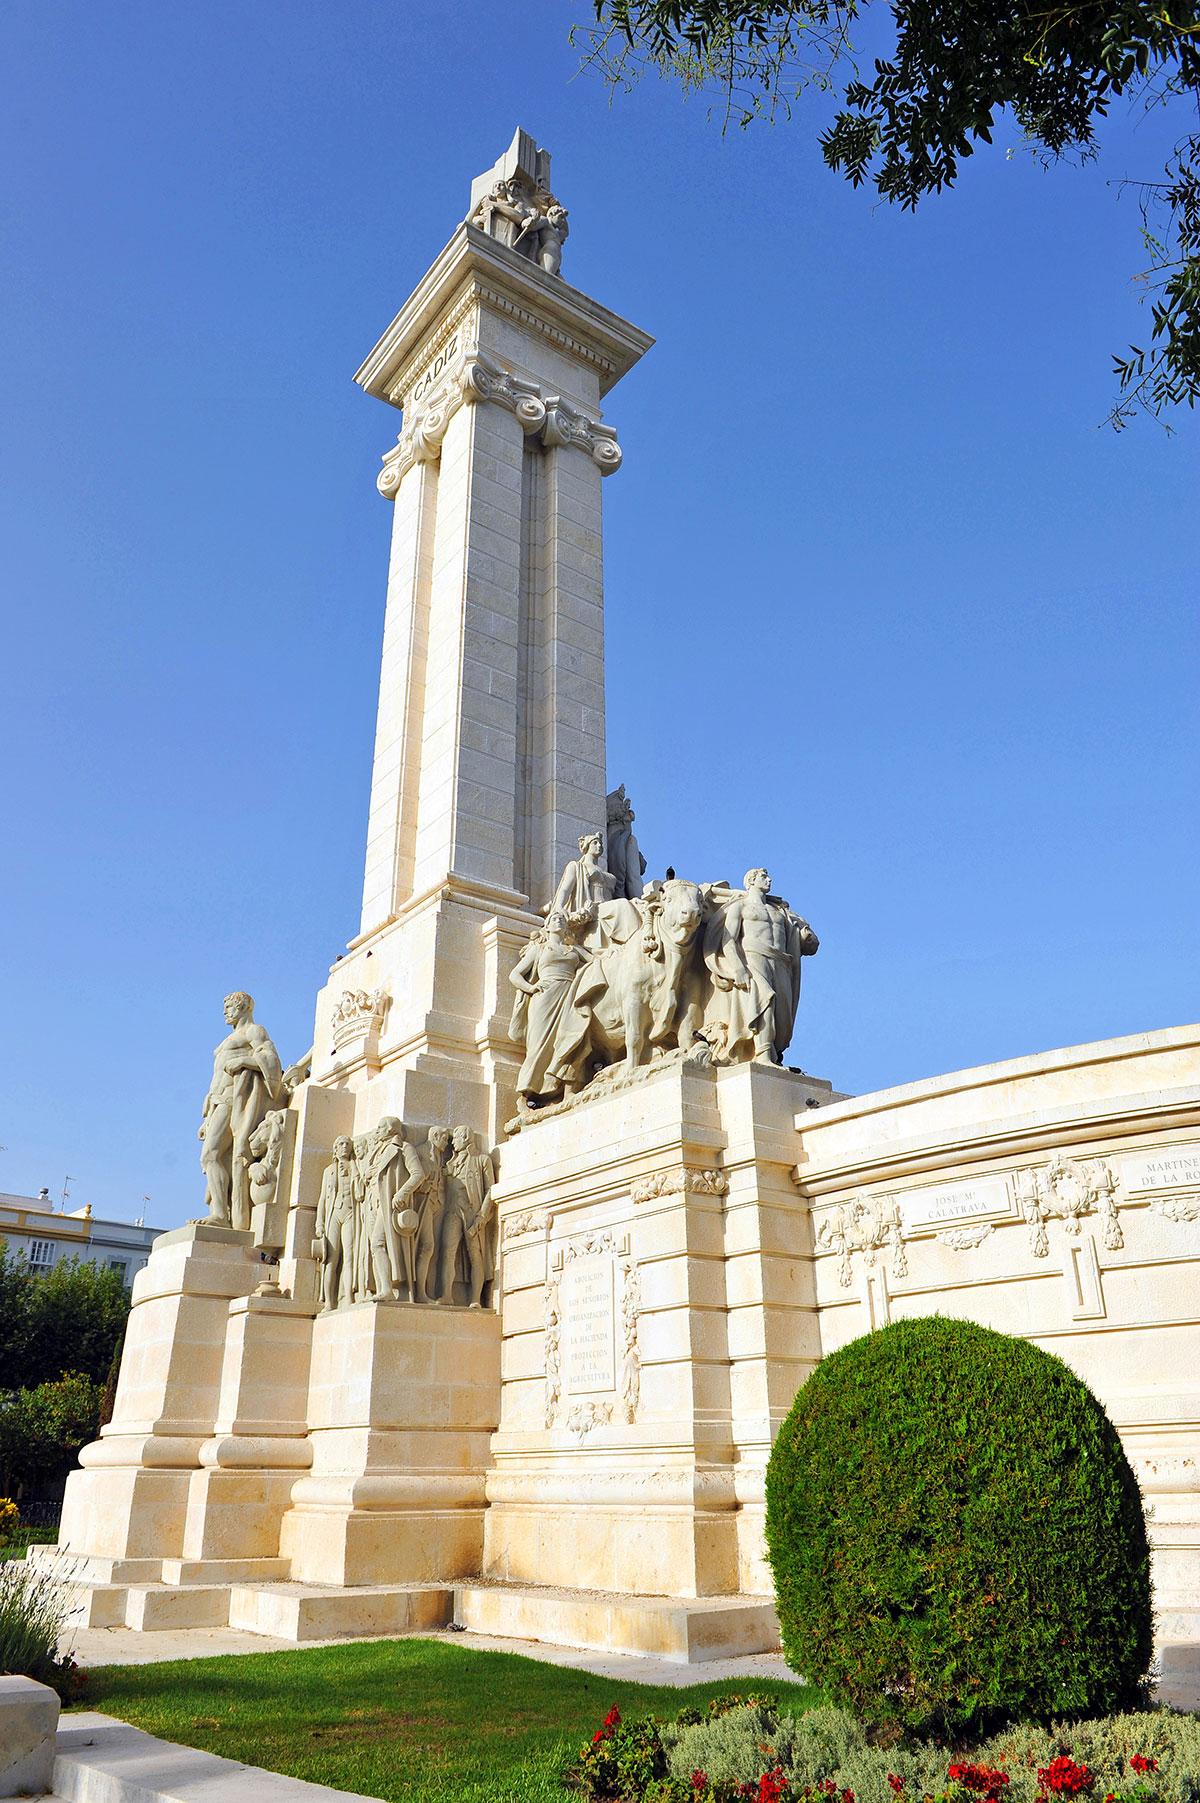 Commemorative monument in the Plaza de España, cadiz